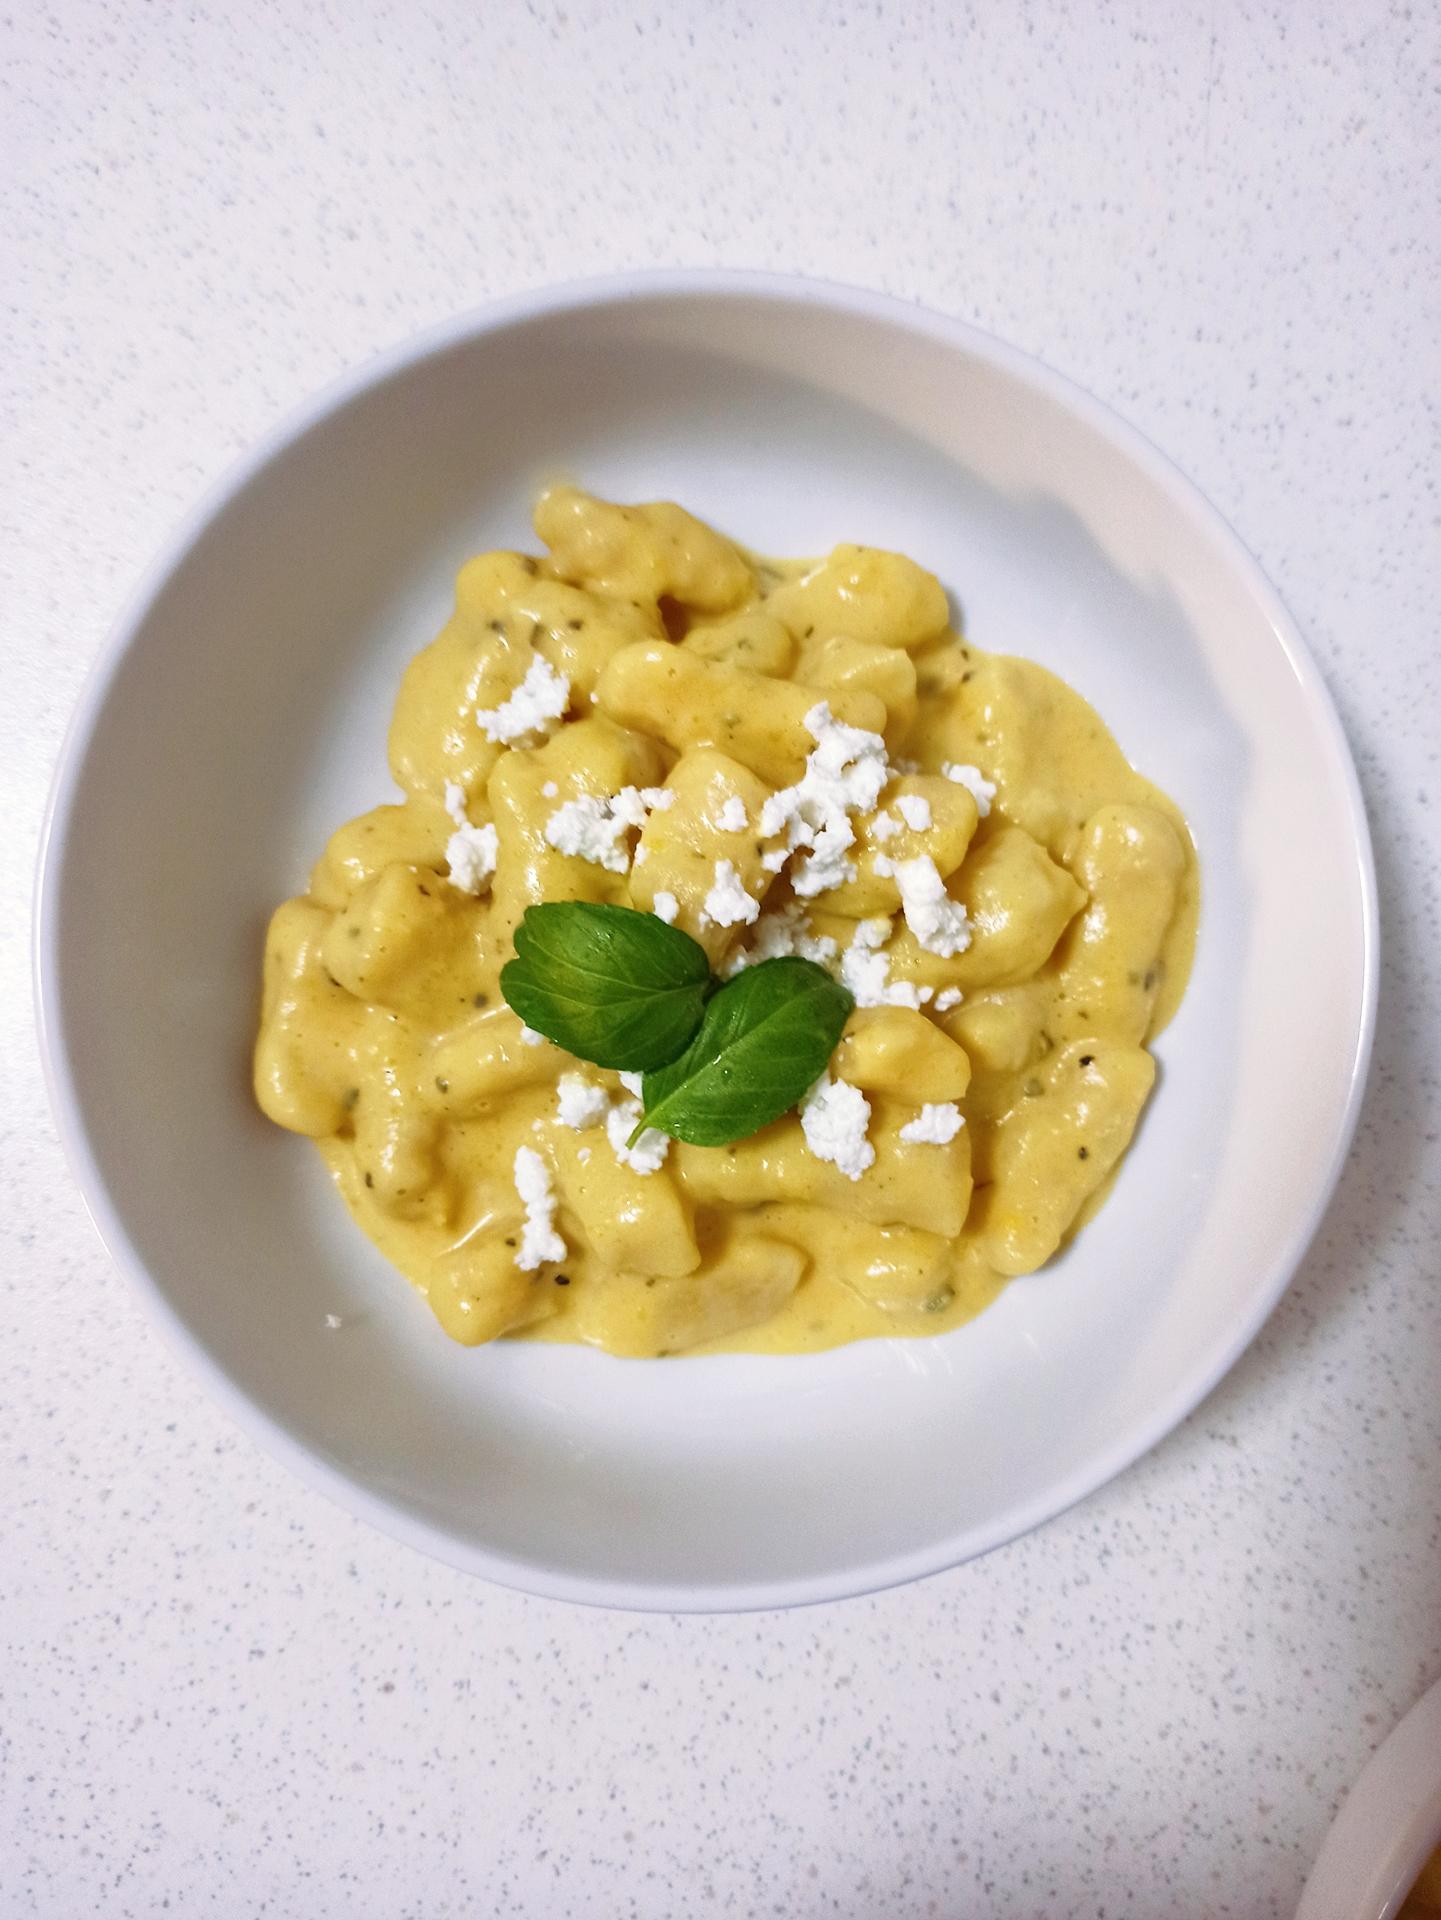 Home-made butternut squash gnocchi